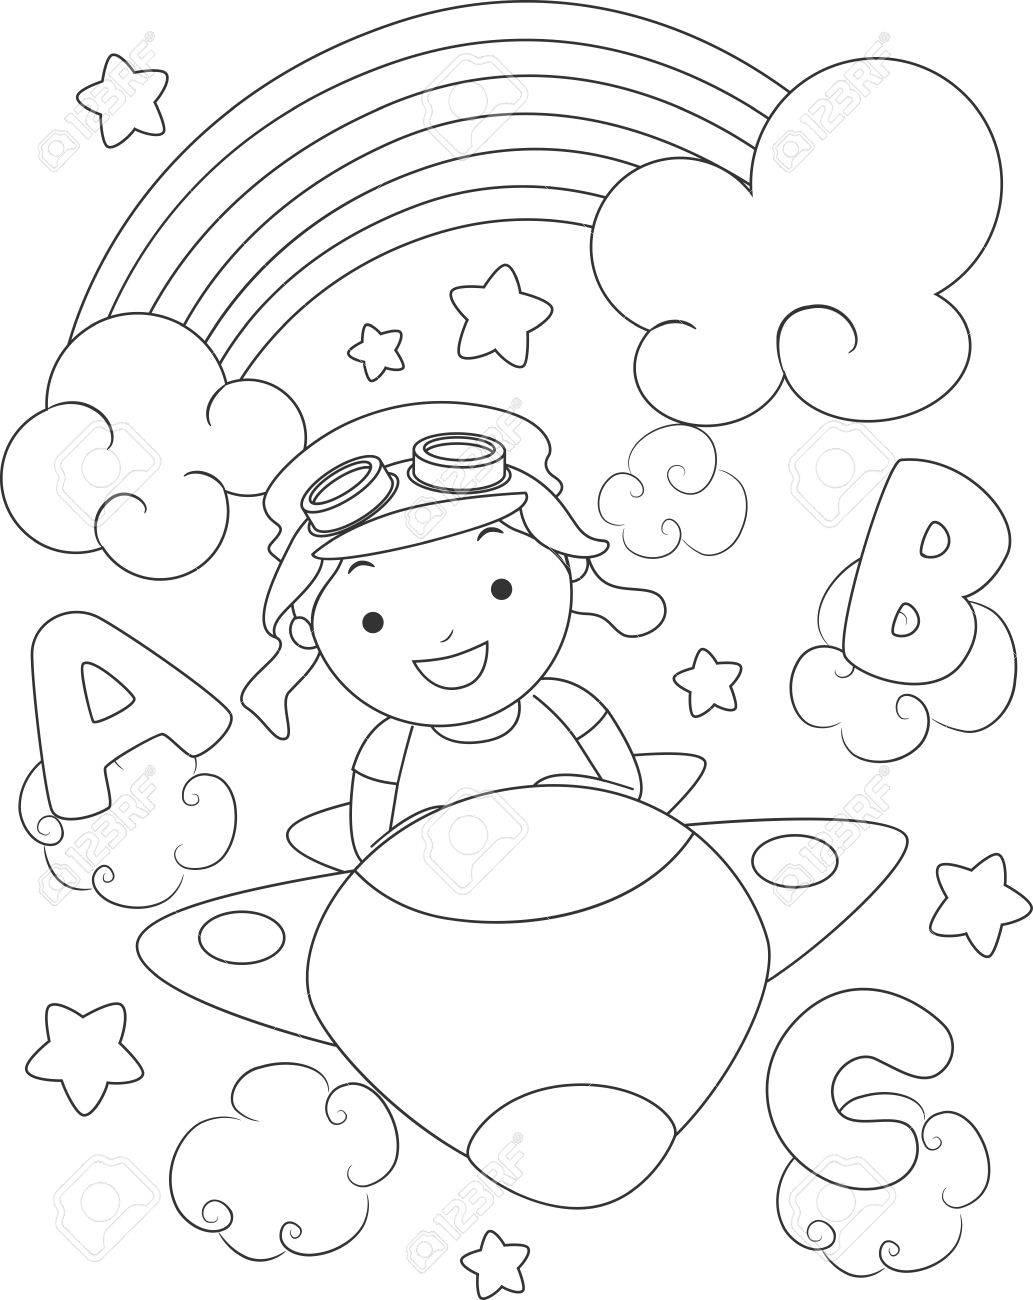 Blanco Y Negro Para Colorear Ilustración De Un Niño Vestido Como Un ...